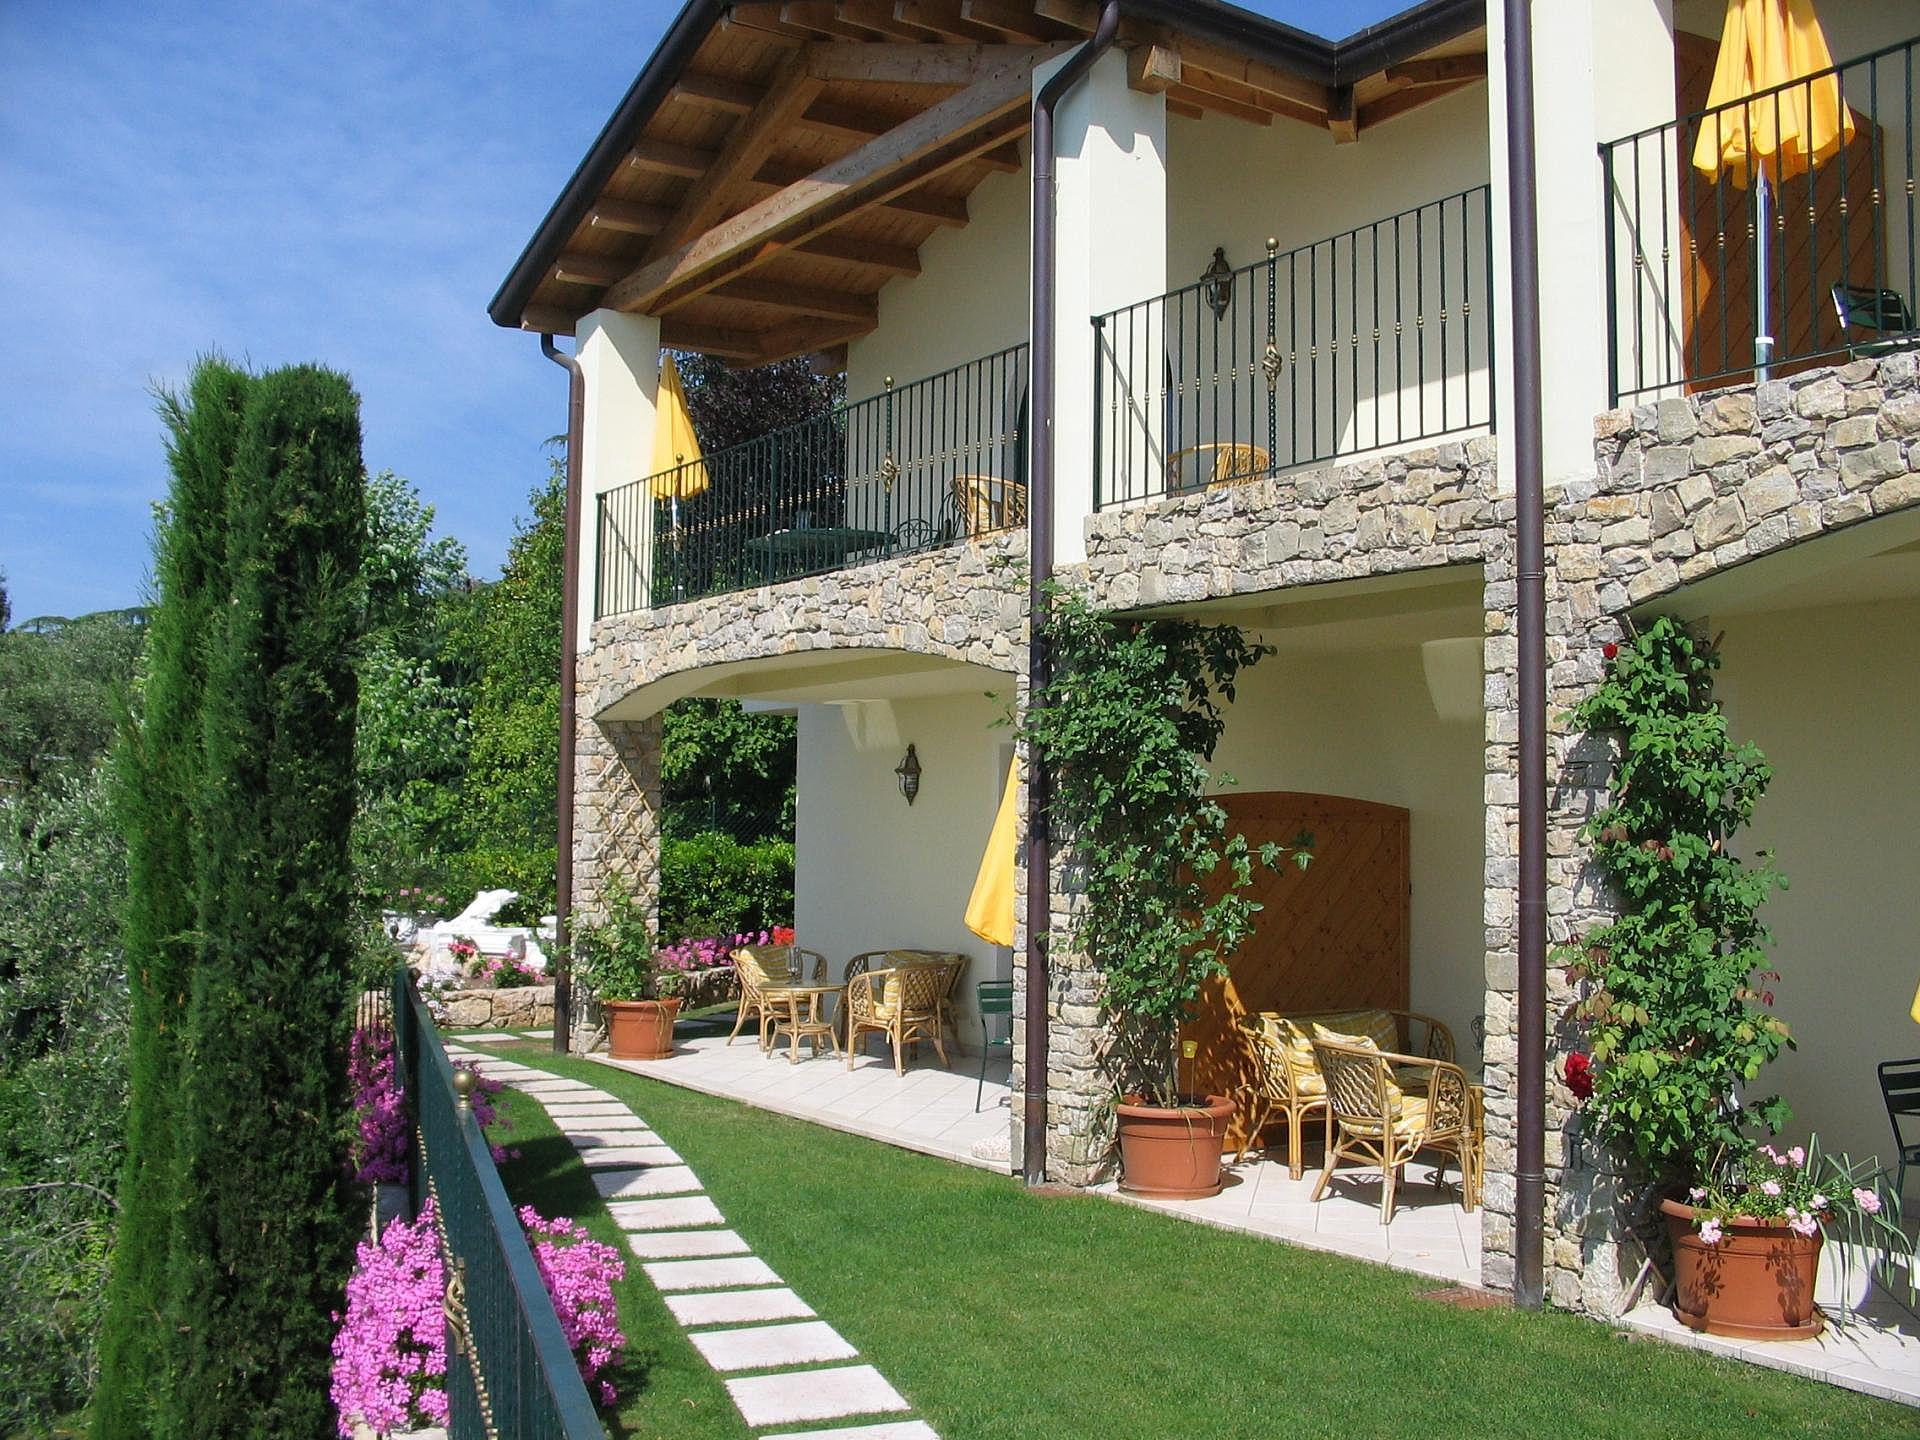 villa giada gardasee online zum bestpreis buchen